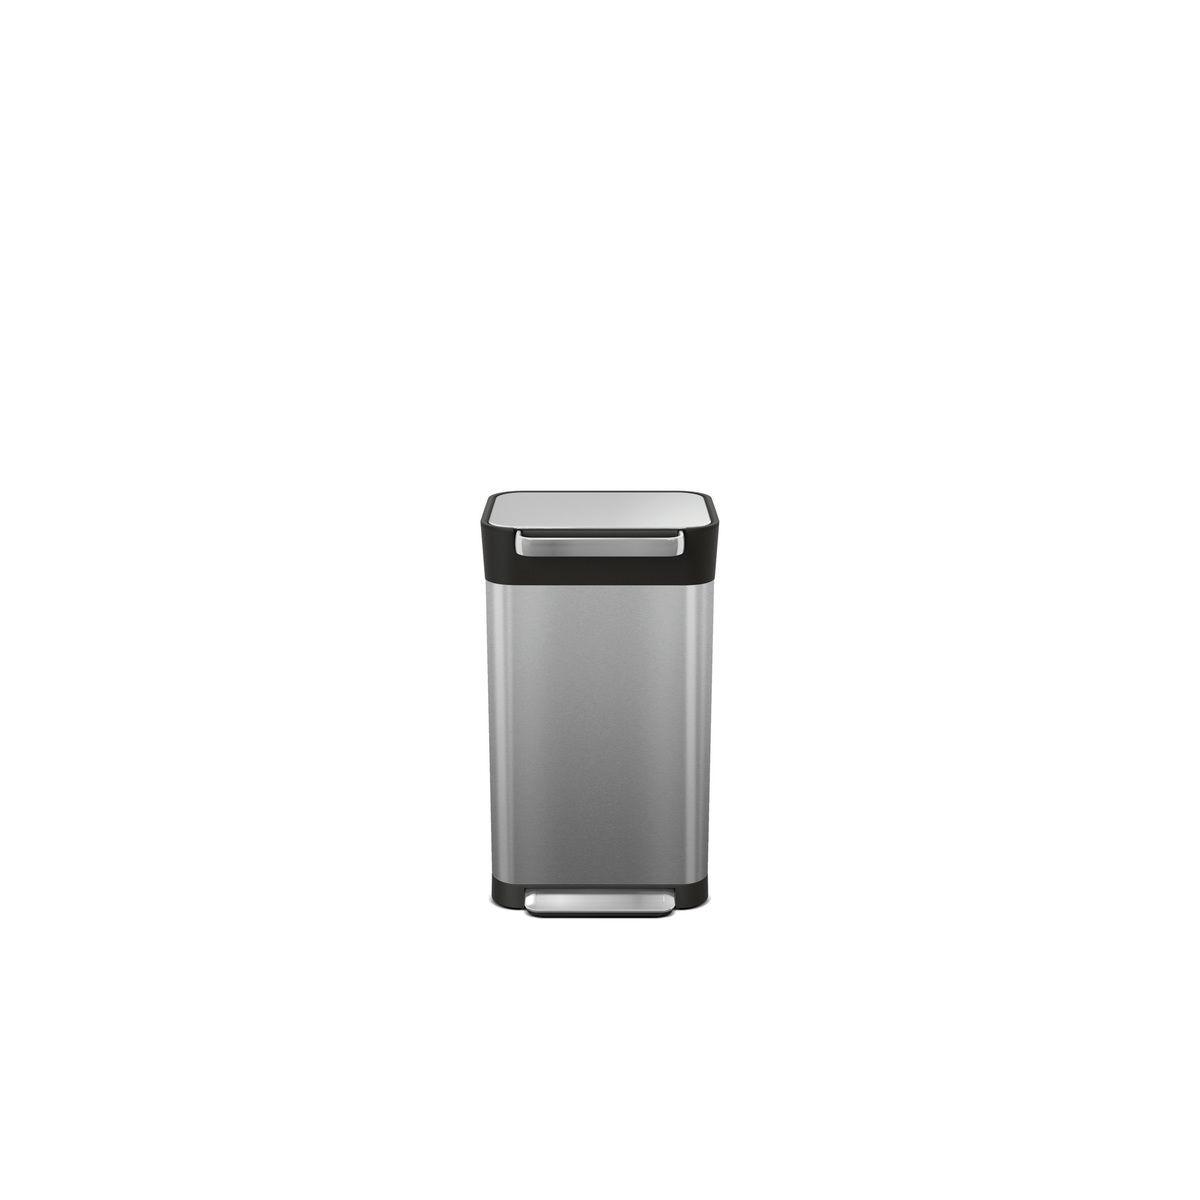 Compacteur à déchets Titan 30L inox - Joseph Joseph